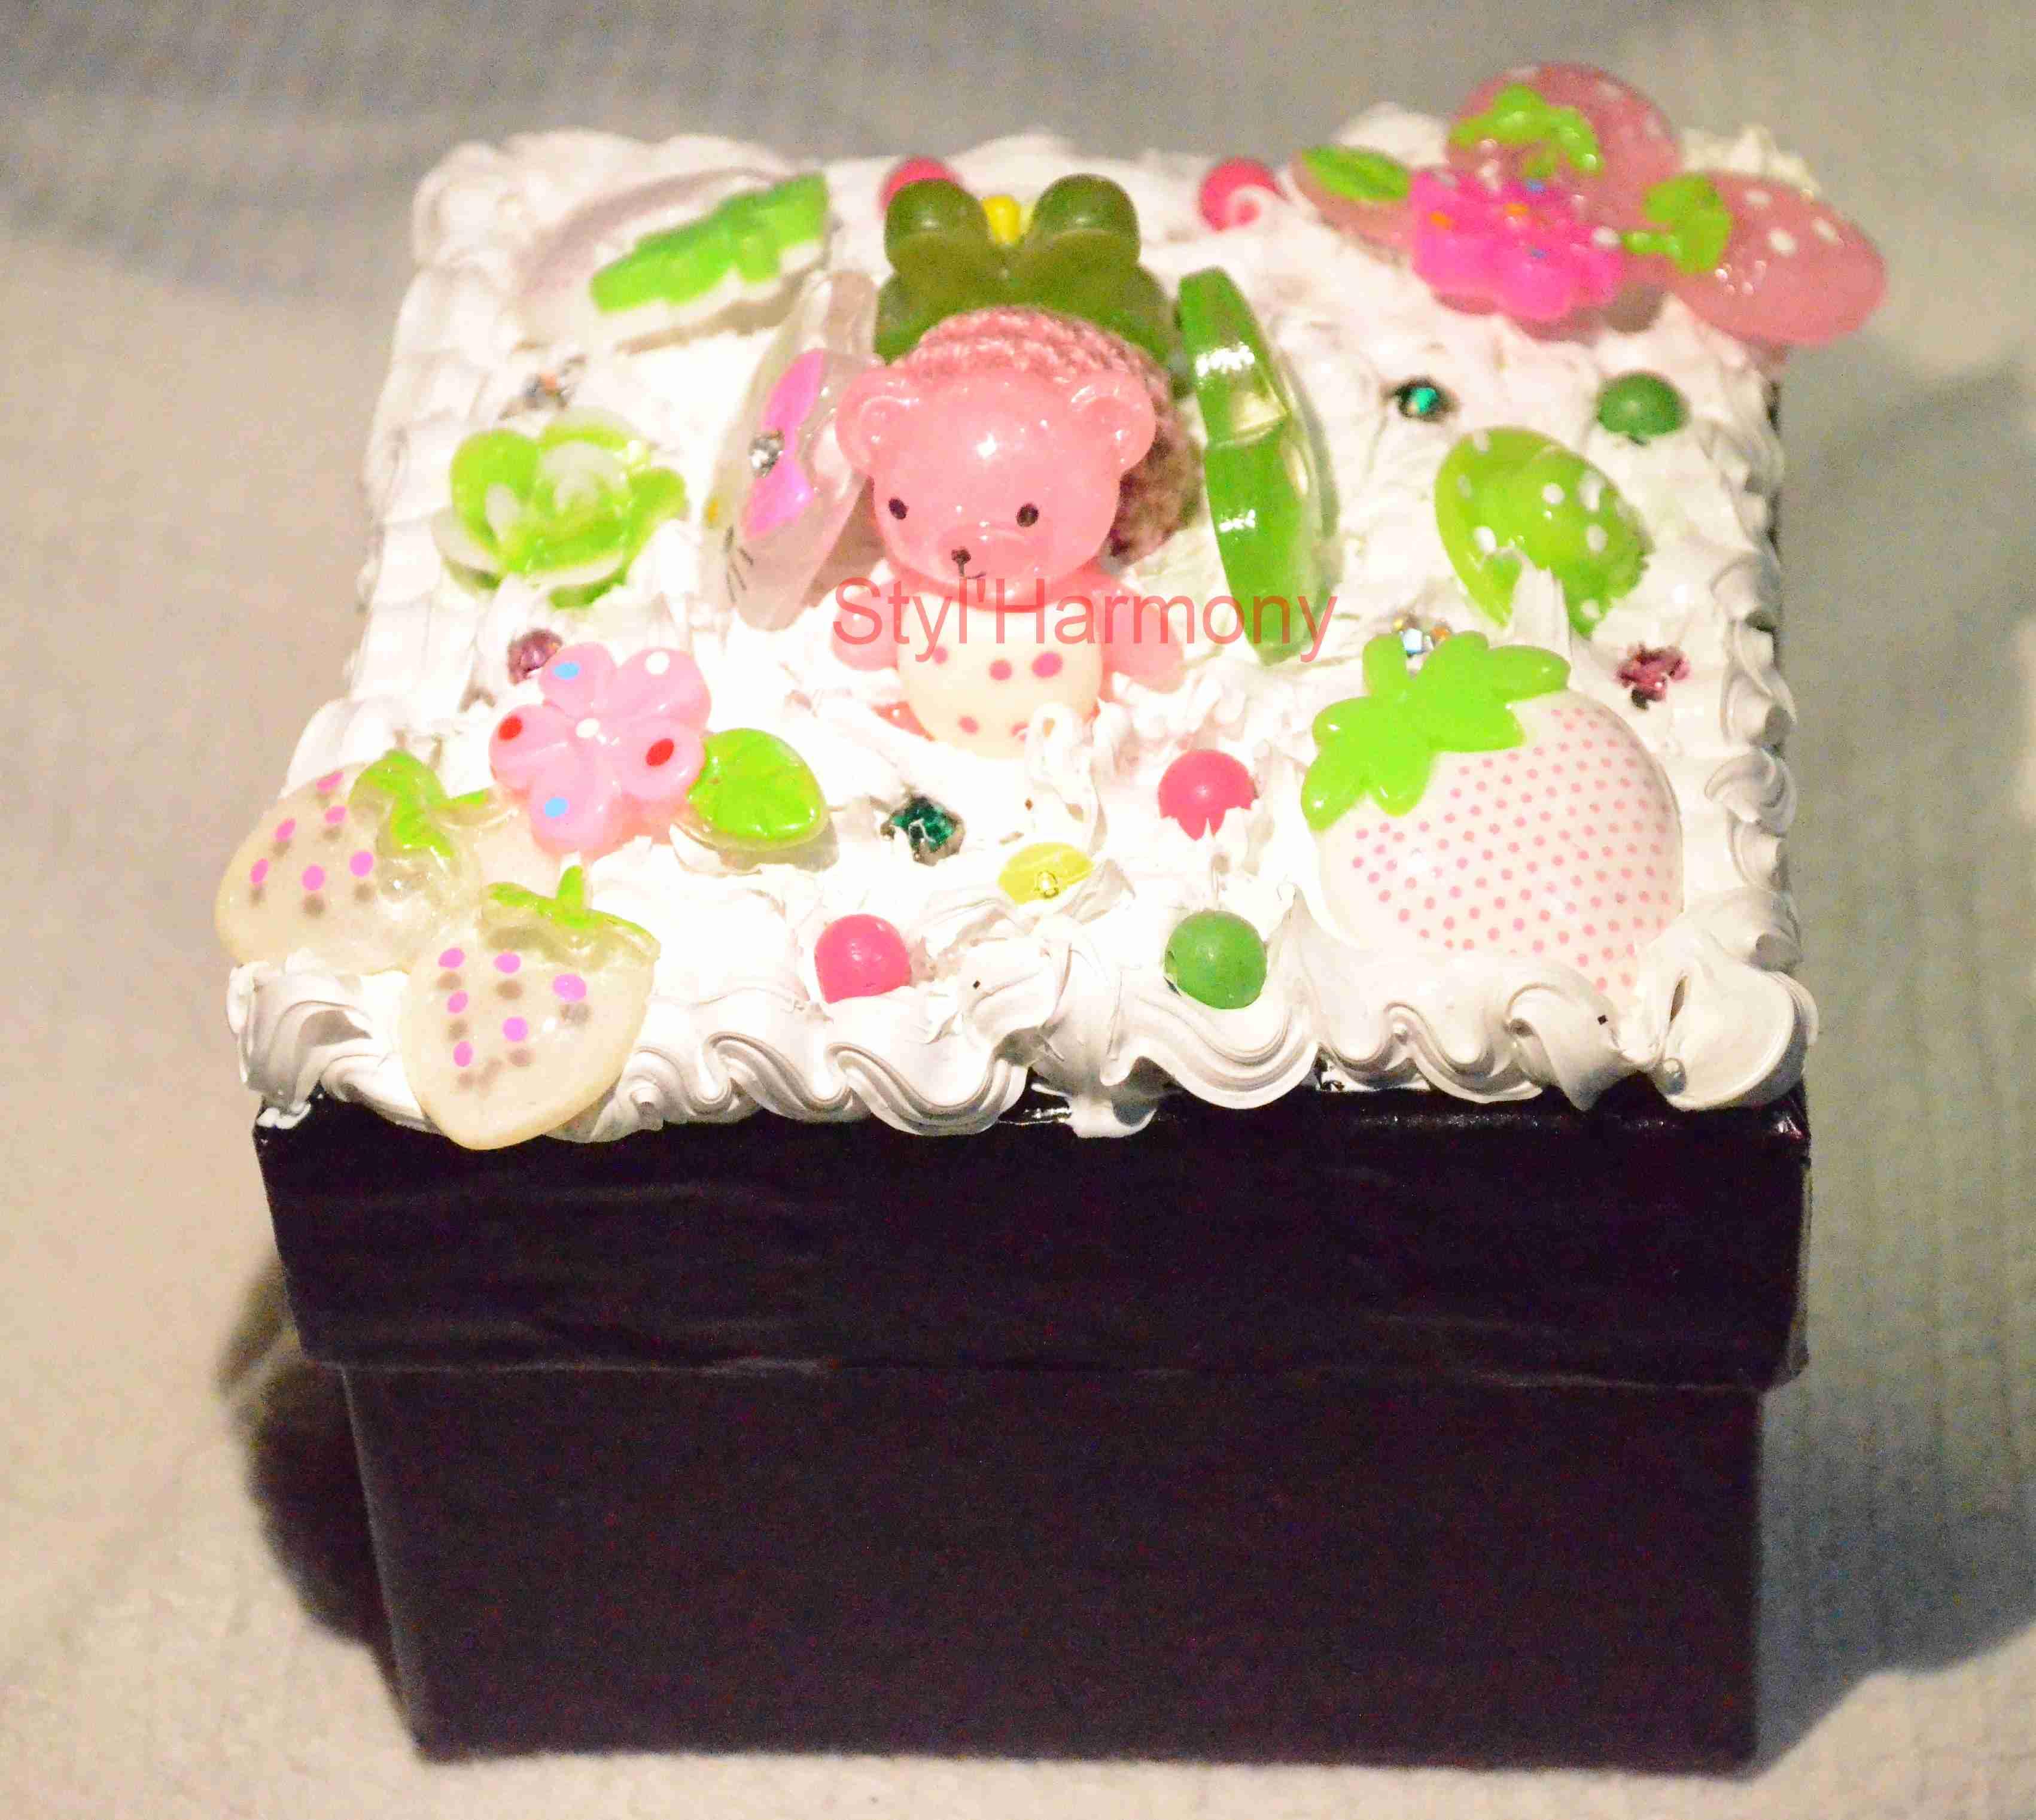 boite-boites-noir-rose-vert-deco-decoration-decoree-ornement-ornements-creation-1